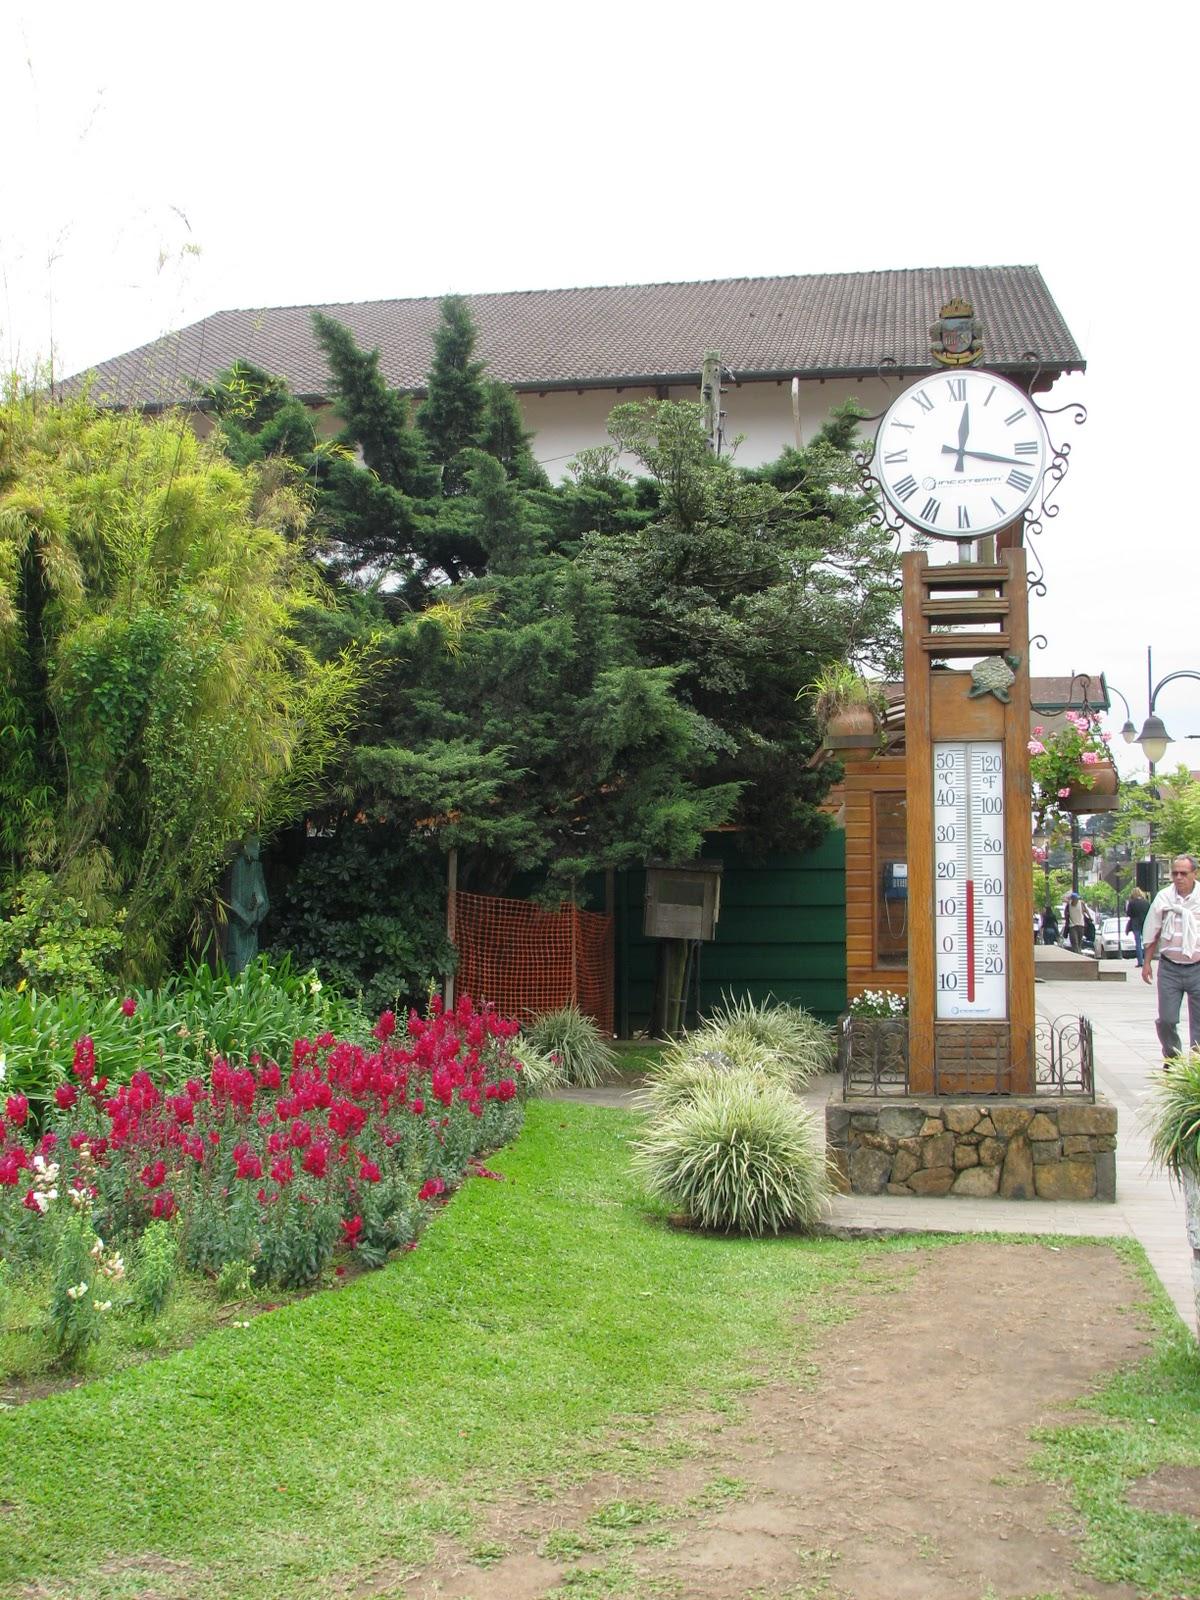 fotos de jardim florido : fotos de jardim florido:das casas e do comércio, sempre que possível tem um jardim, florido